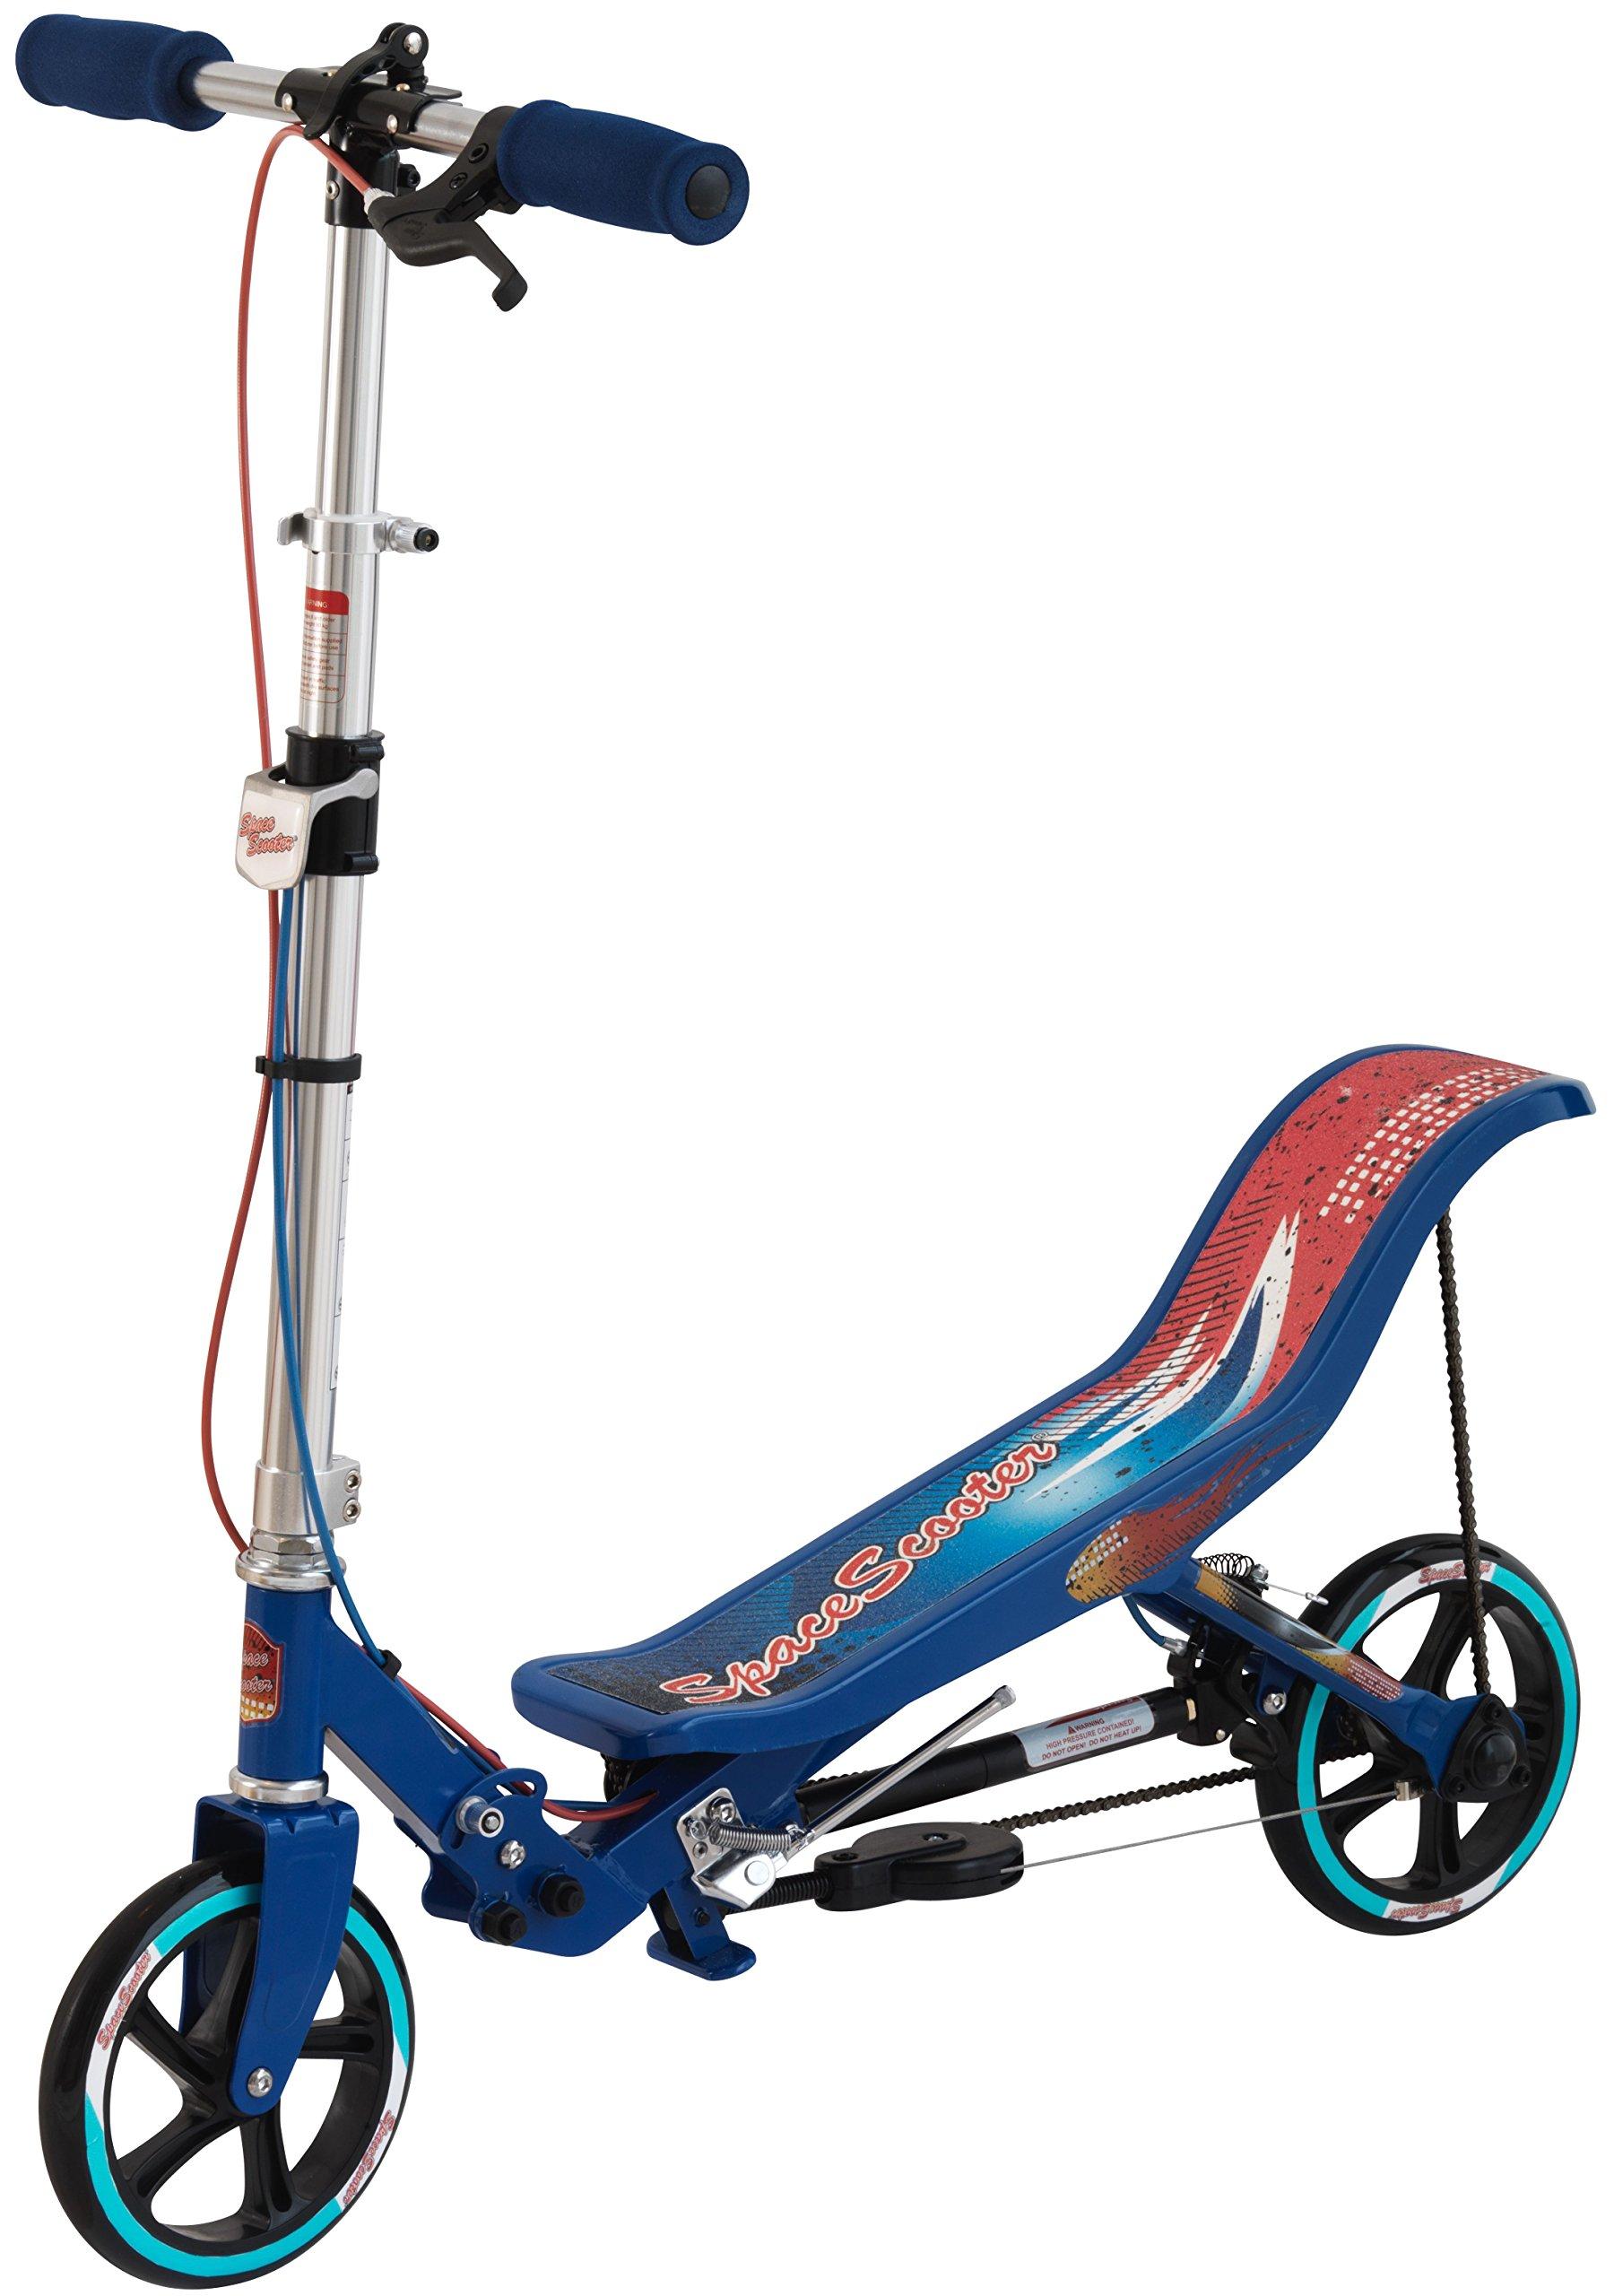 Space Scooter X580- Scooter para niños con Freno de Mano, suspensión neumática y Plegable